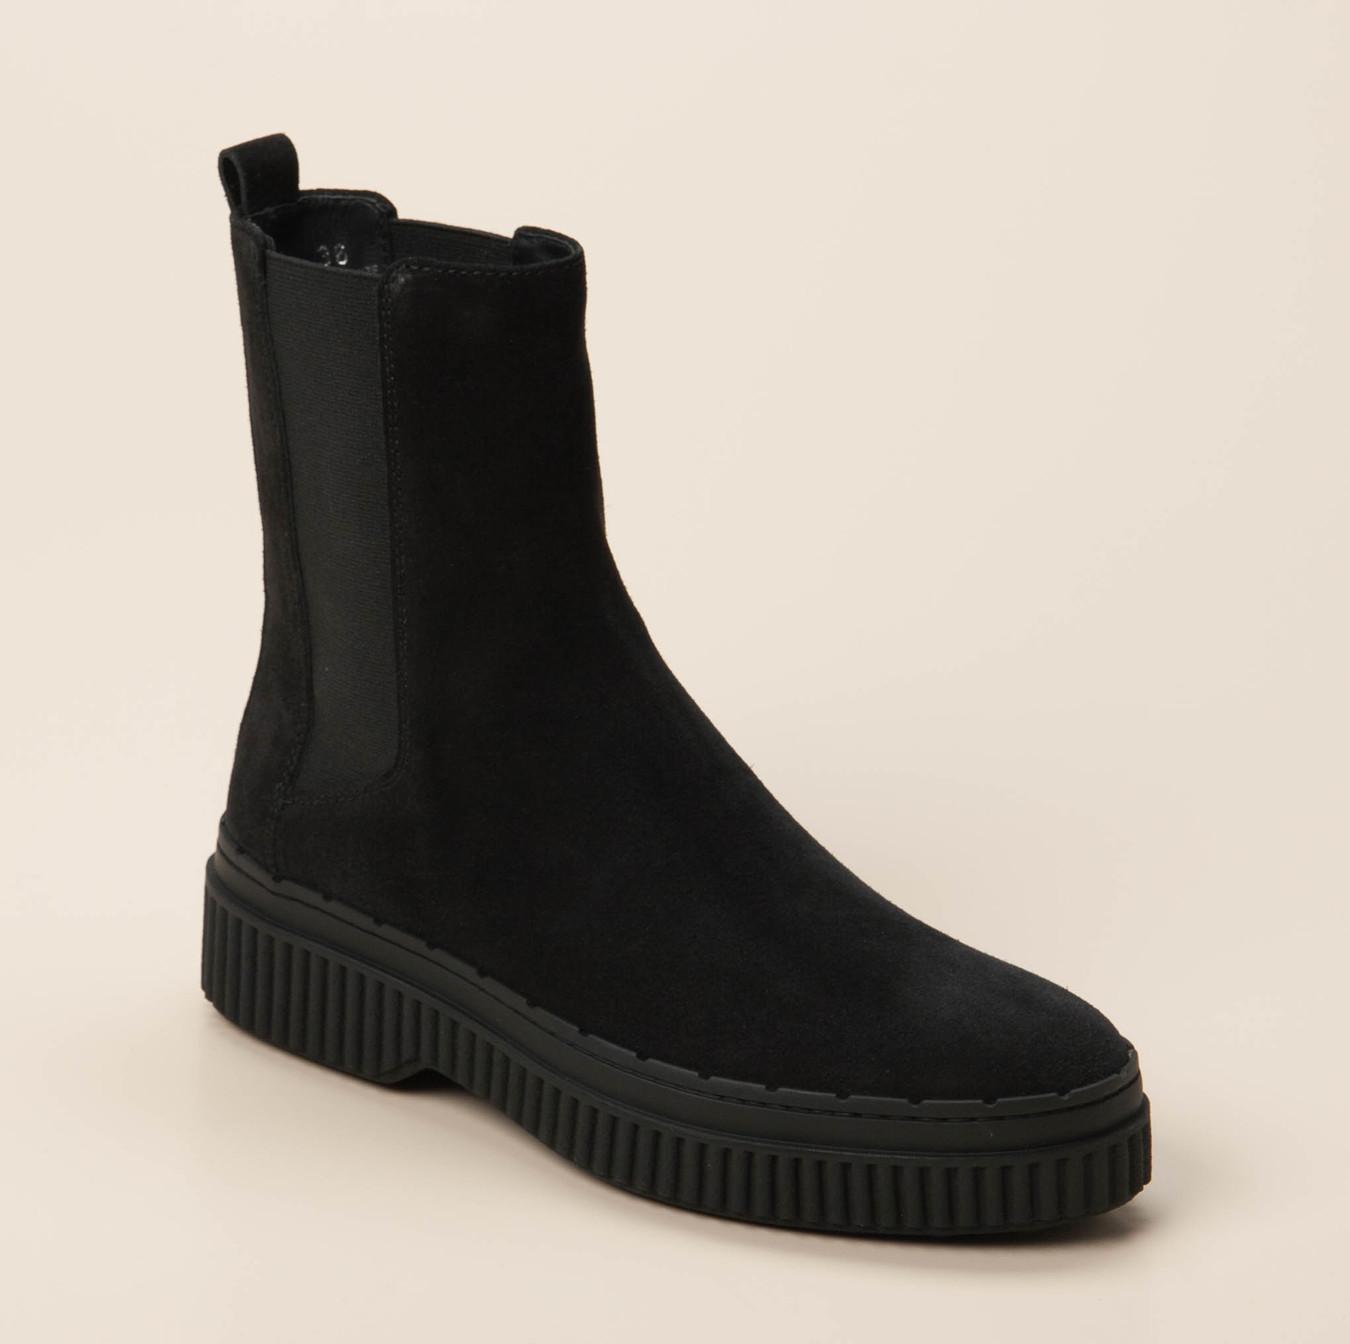 b5beb890ac912d Tod s Damen Stiefelette in schwarz kaufen